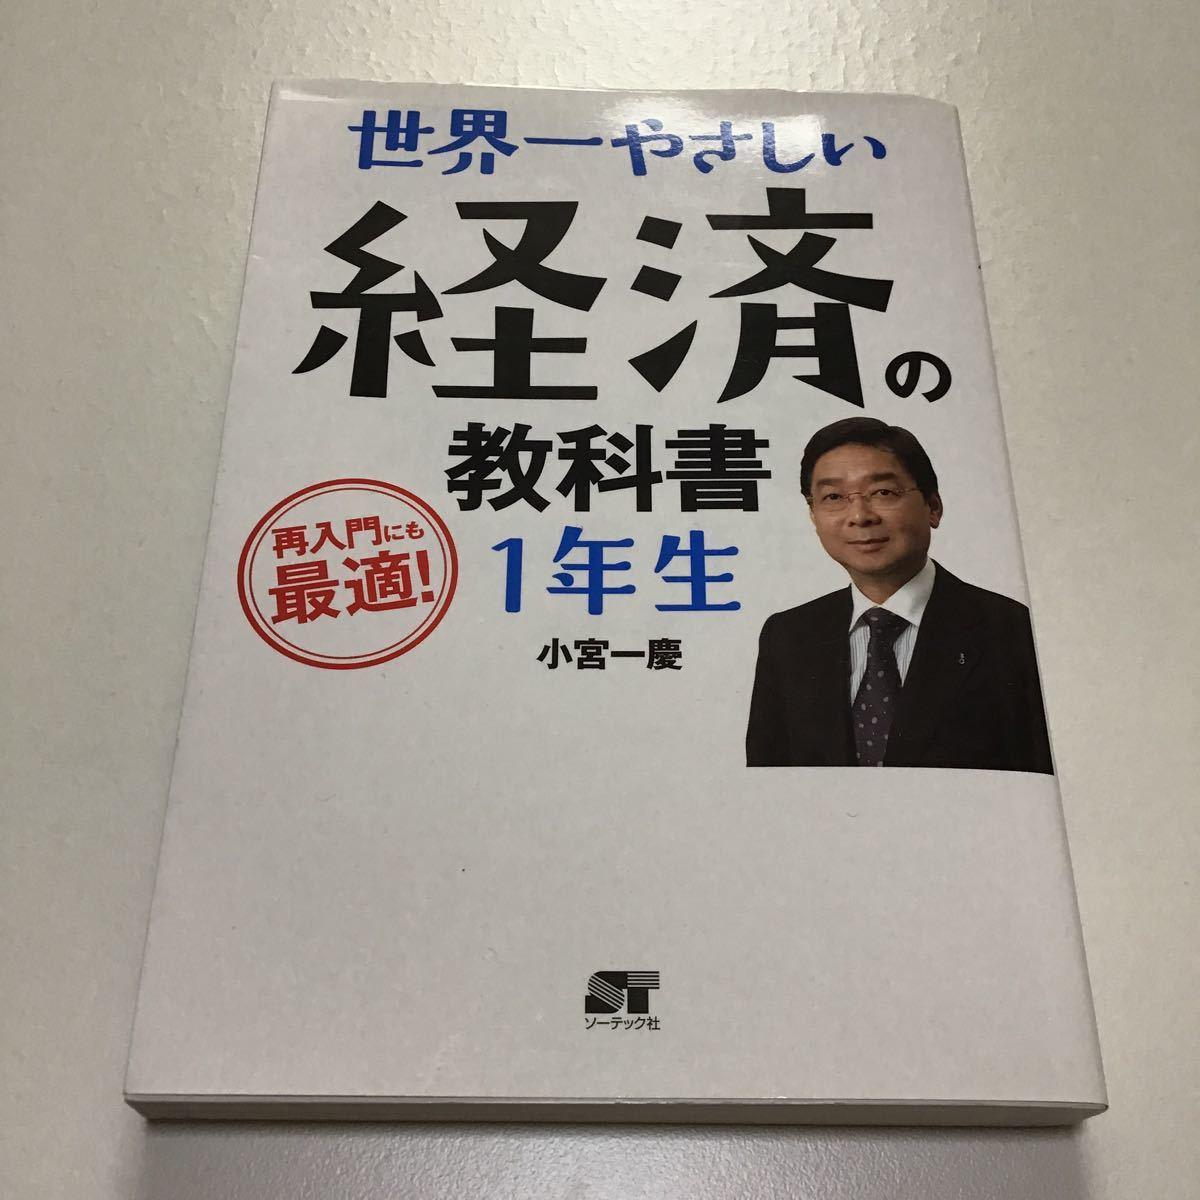 世界一やさしい経済の教科書1年生 再入門にも最適! /小宮一慶